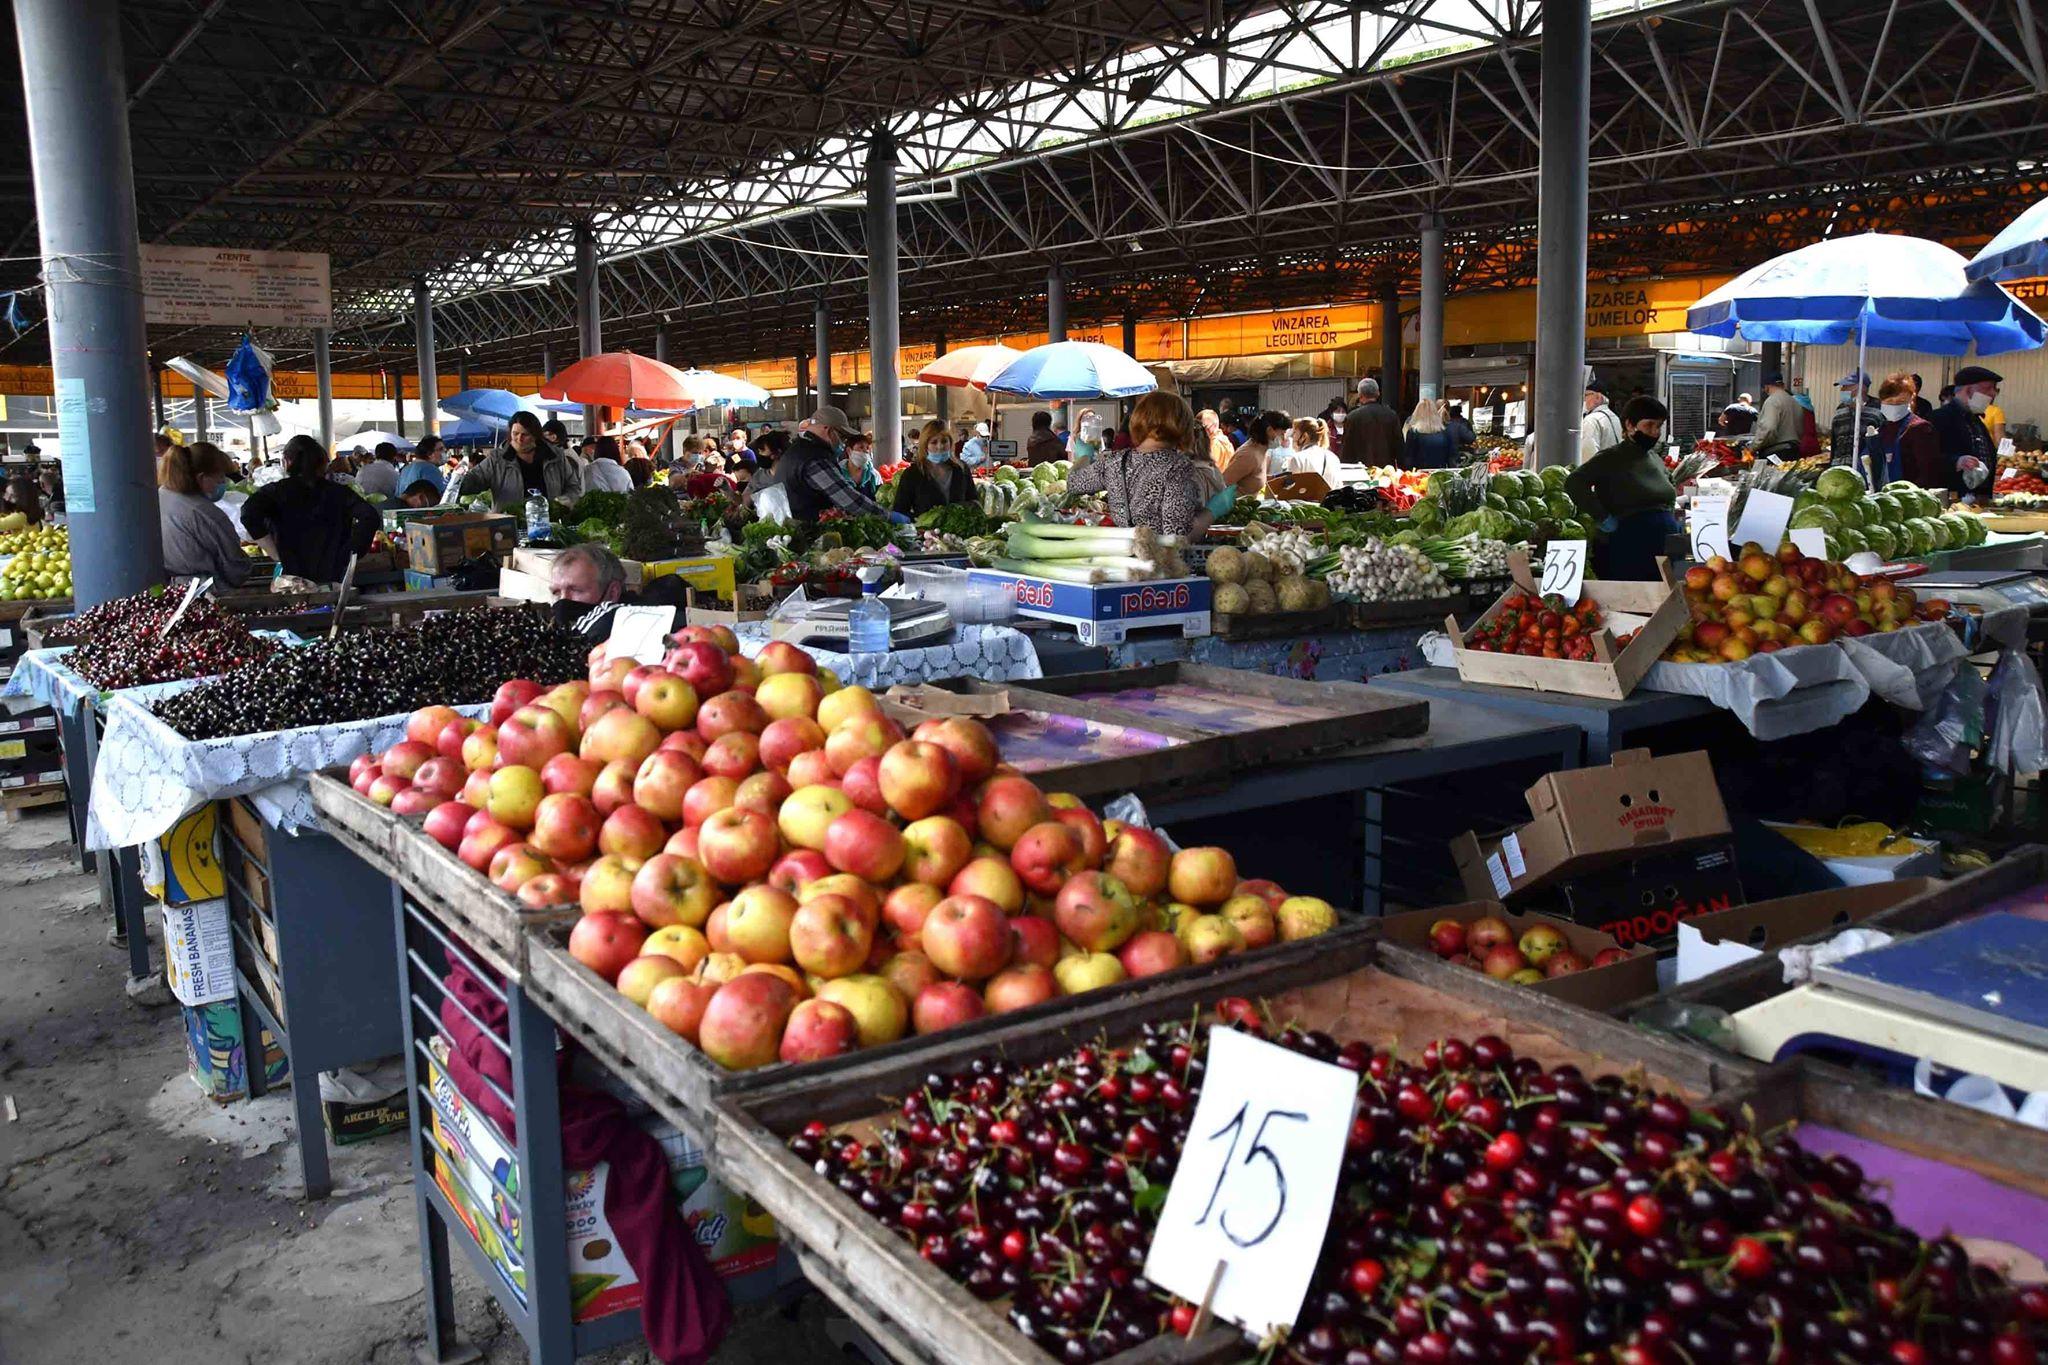 Piața Centrală fructe